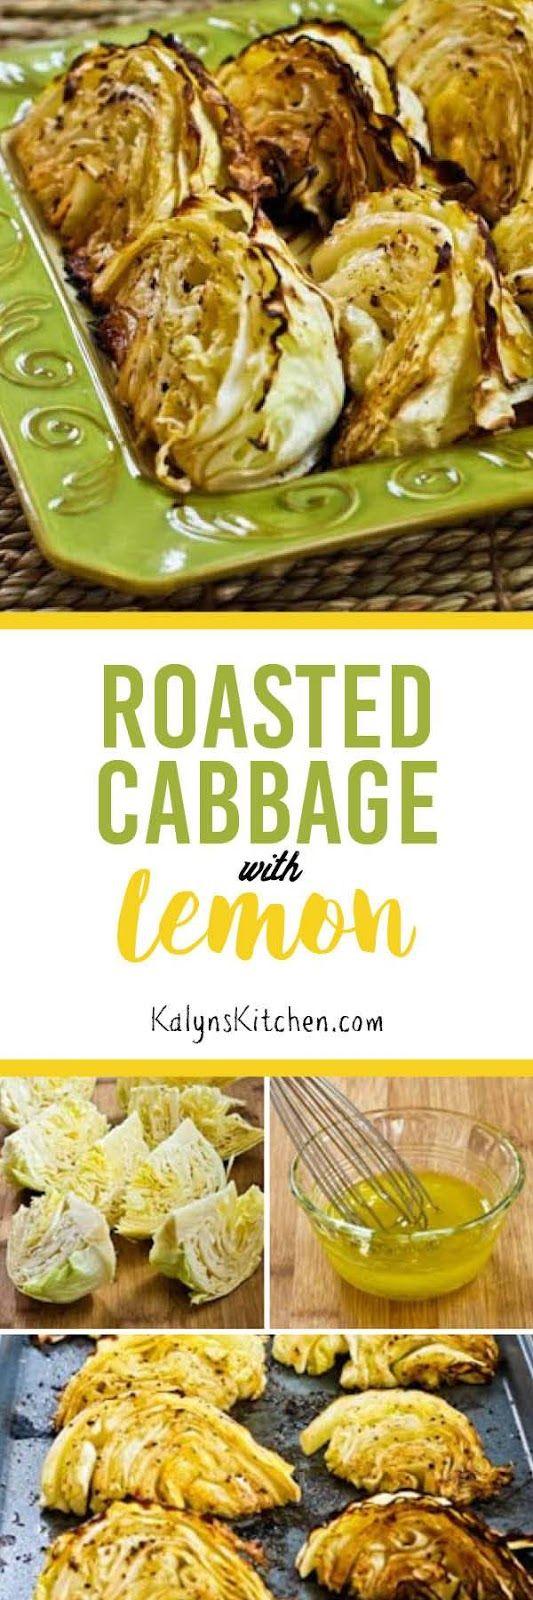 Roasted Cabbage with Lemon [KalynsKitchen.com]